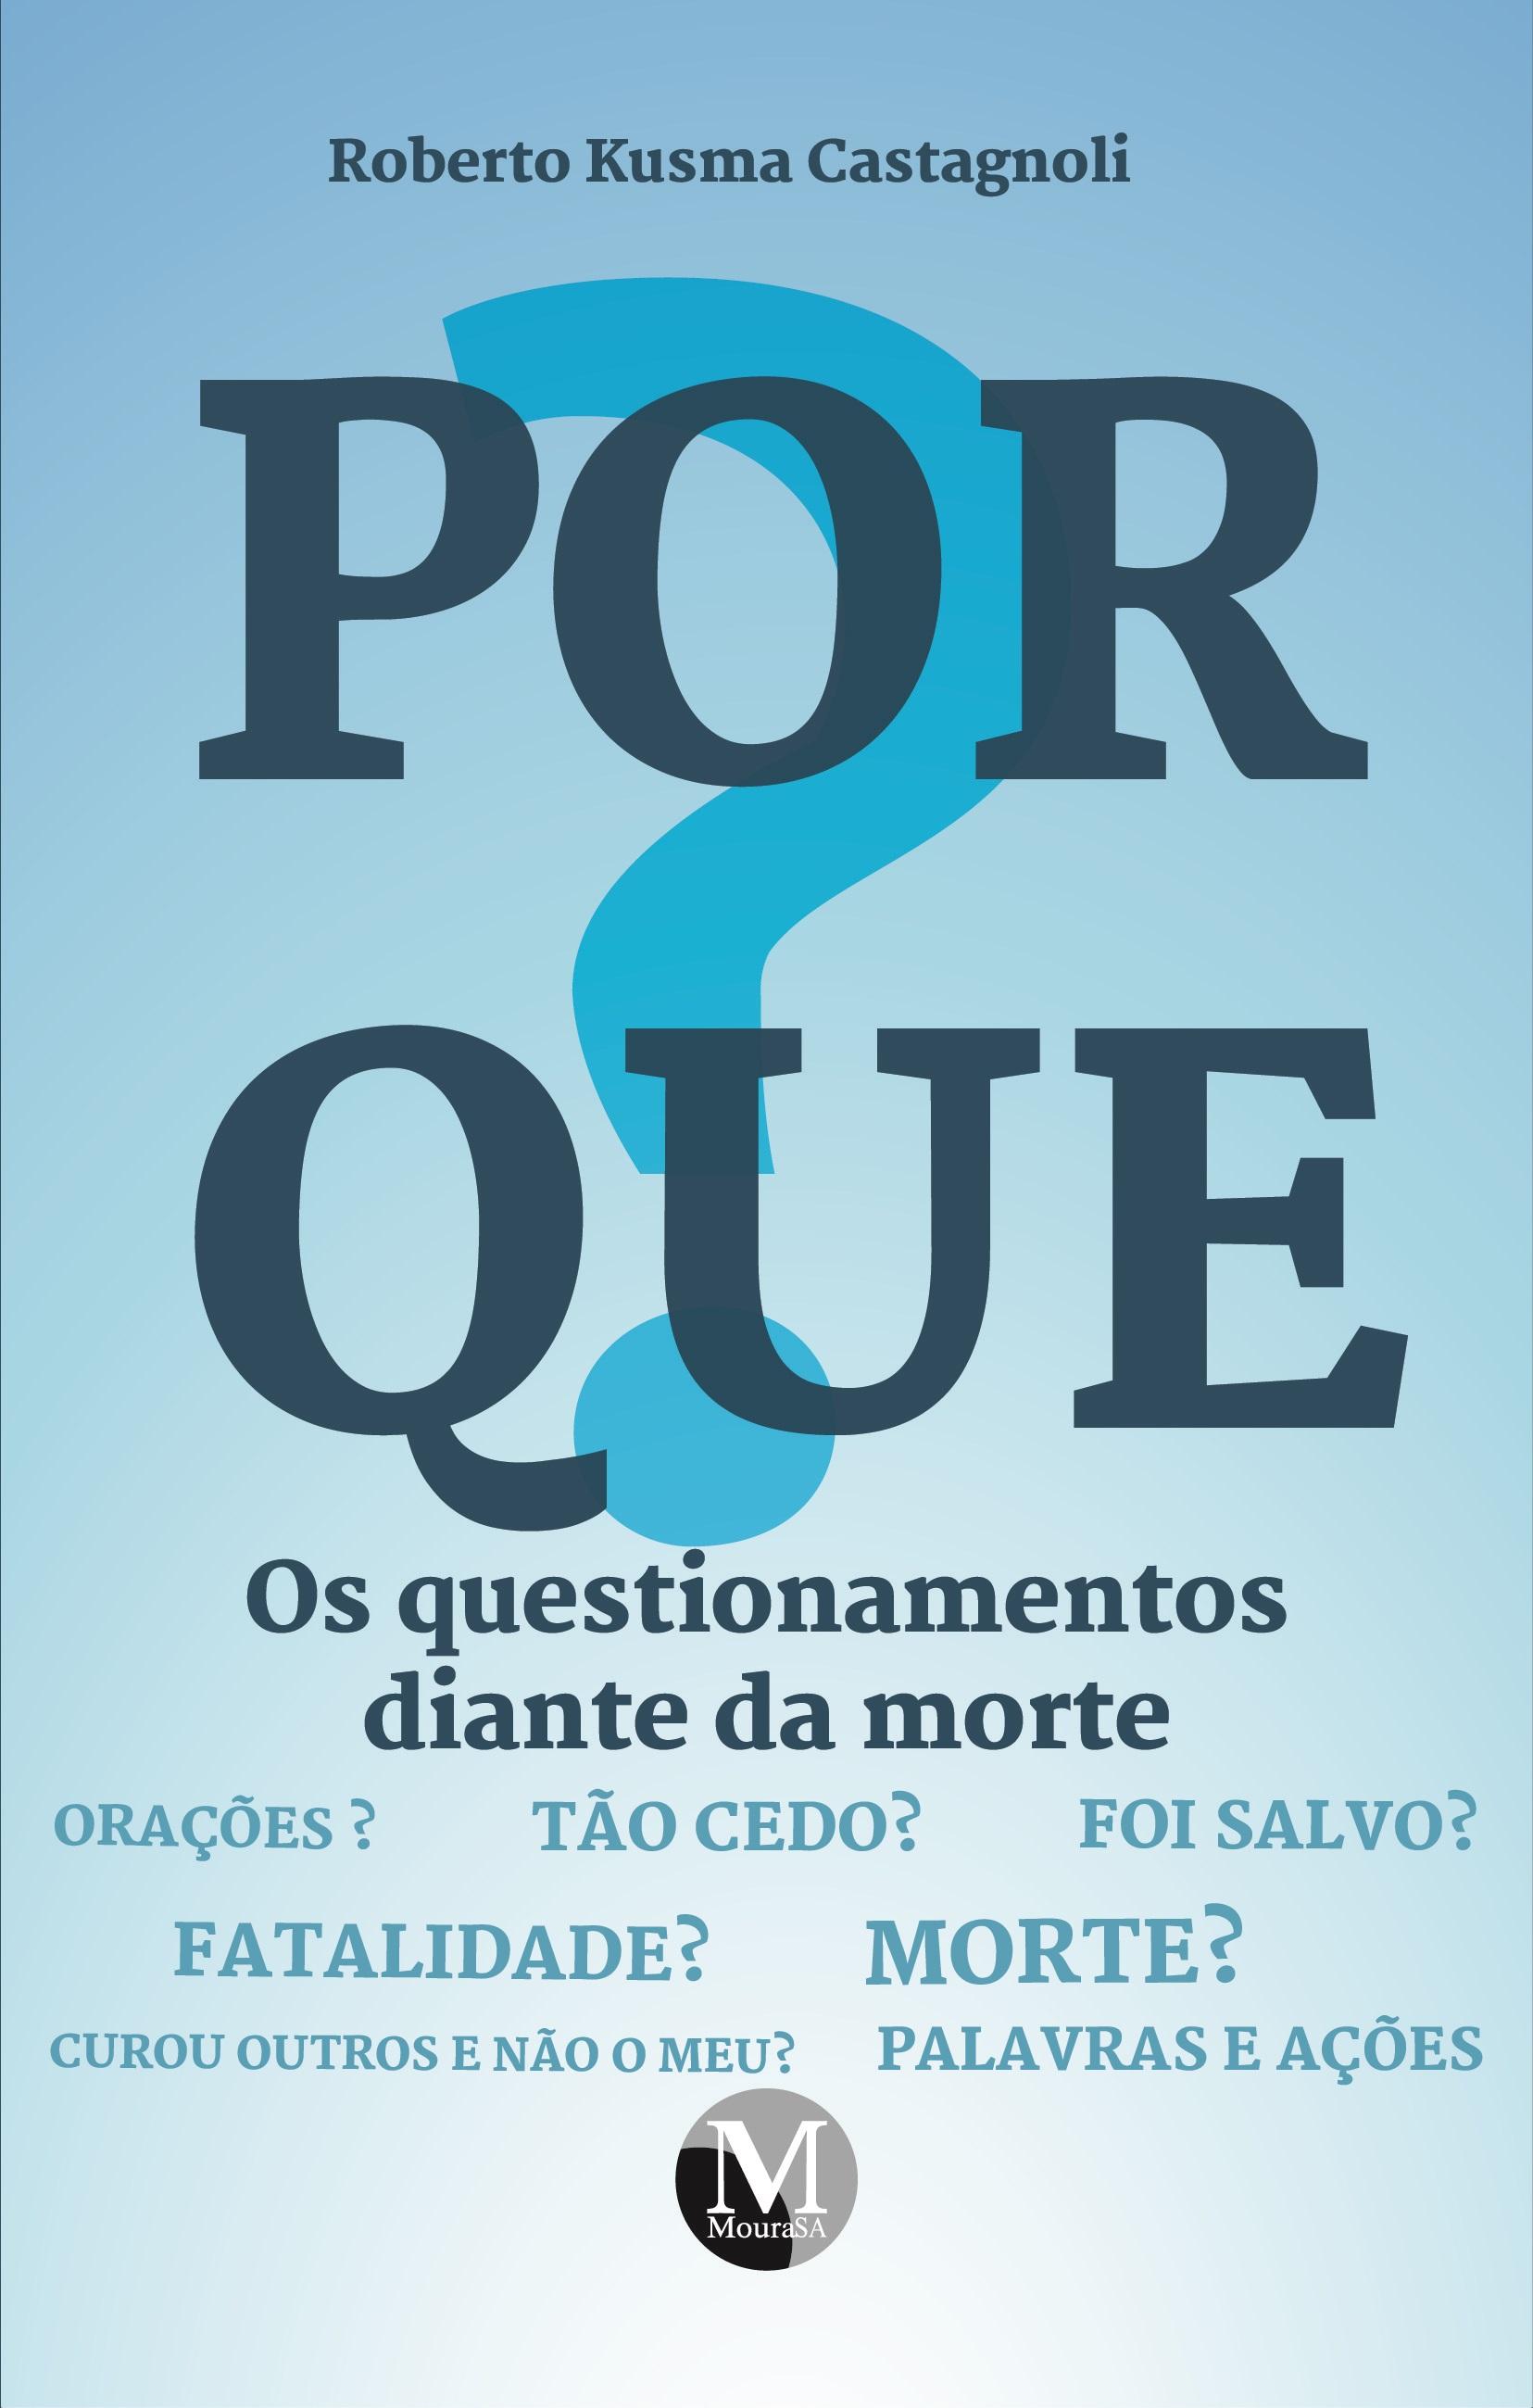 Capa do livro: PORQUE? OS QUESTIONAMENTOS DIANTE DA MORTE